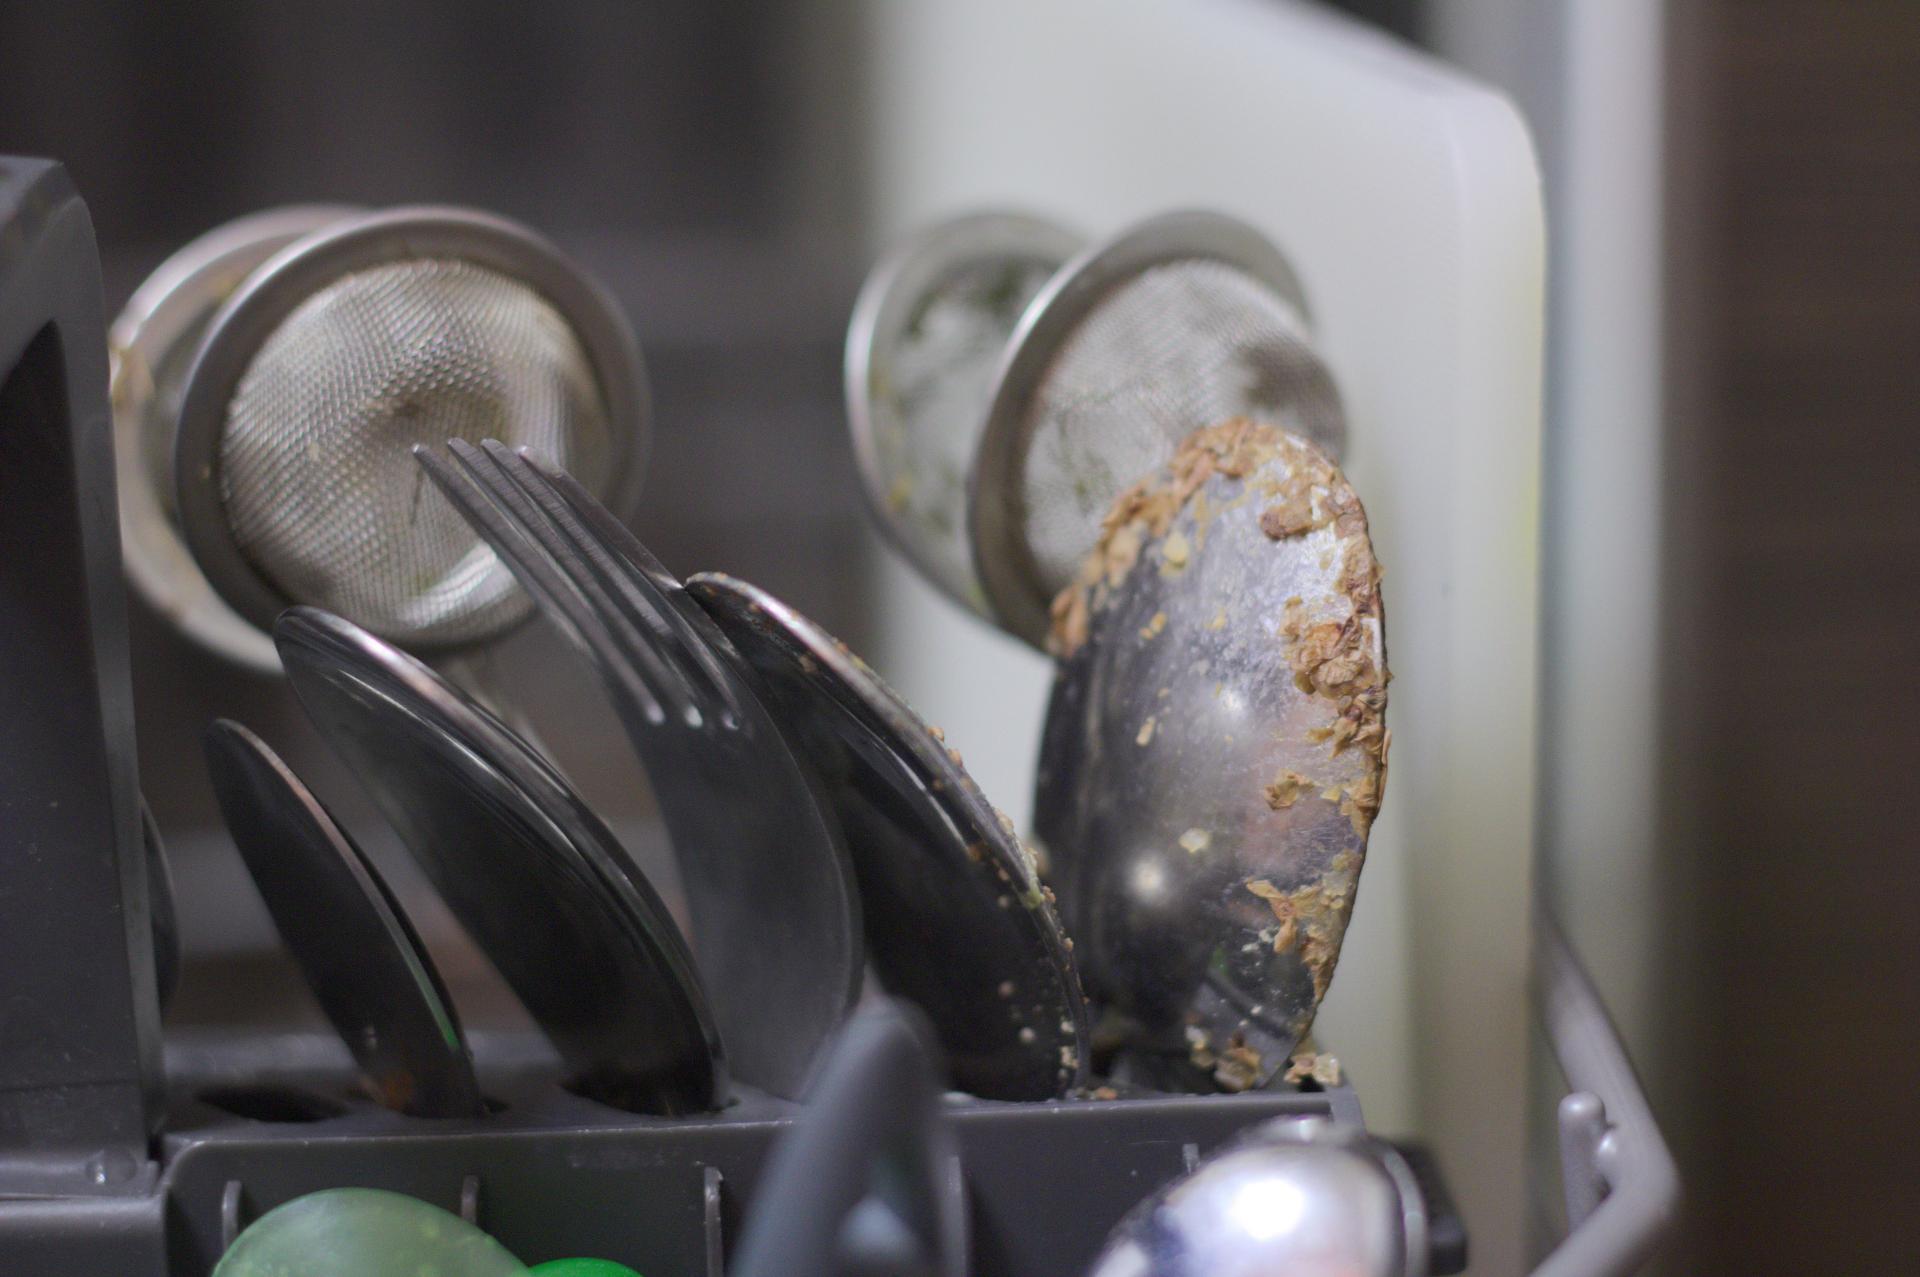 DIY порошок для посудомойки: разбираем промышленные средства и улучшаем рецепт - 1